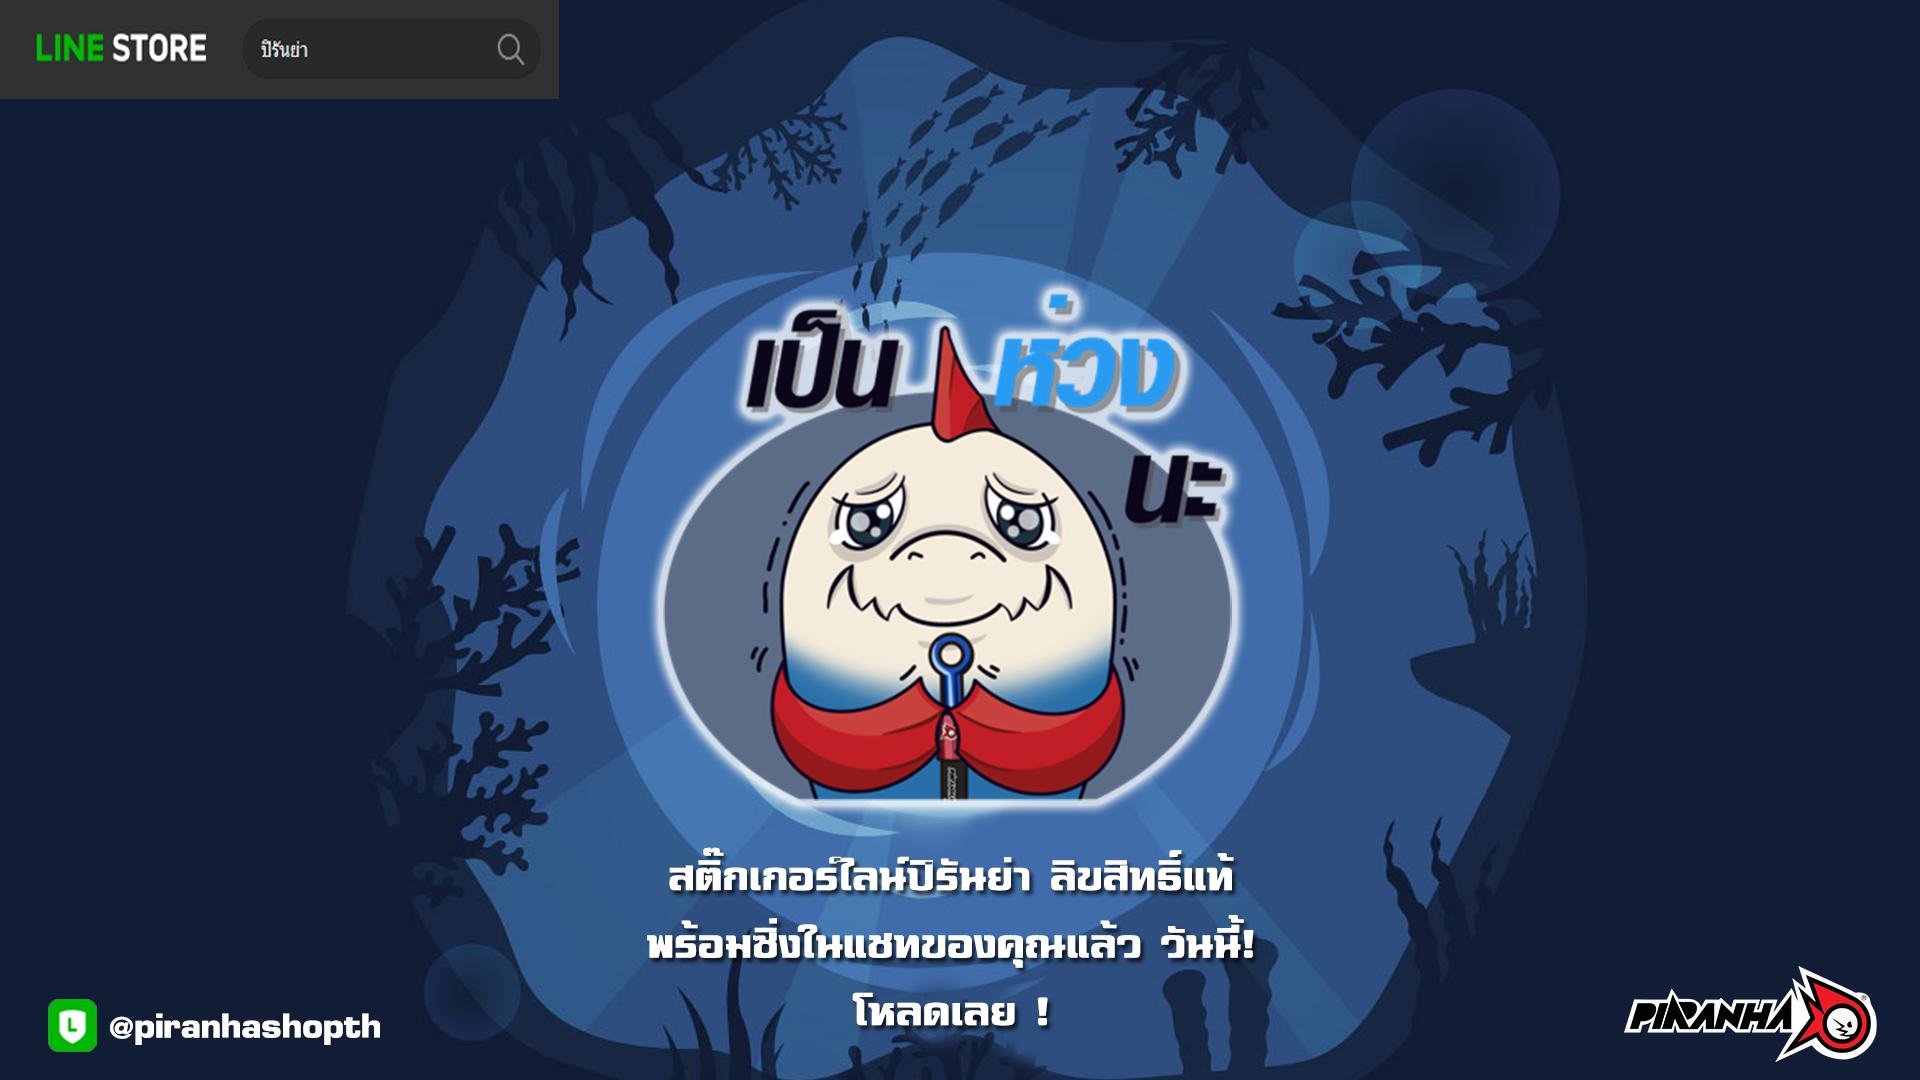 Stickers Line ปิรันย่า ลิขสิทธิ์แท้ มาแล้ว!!